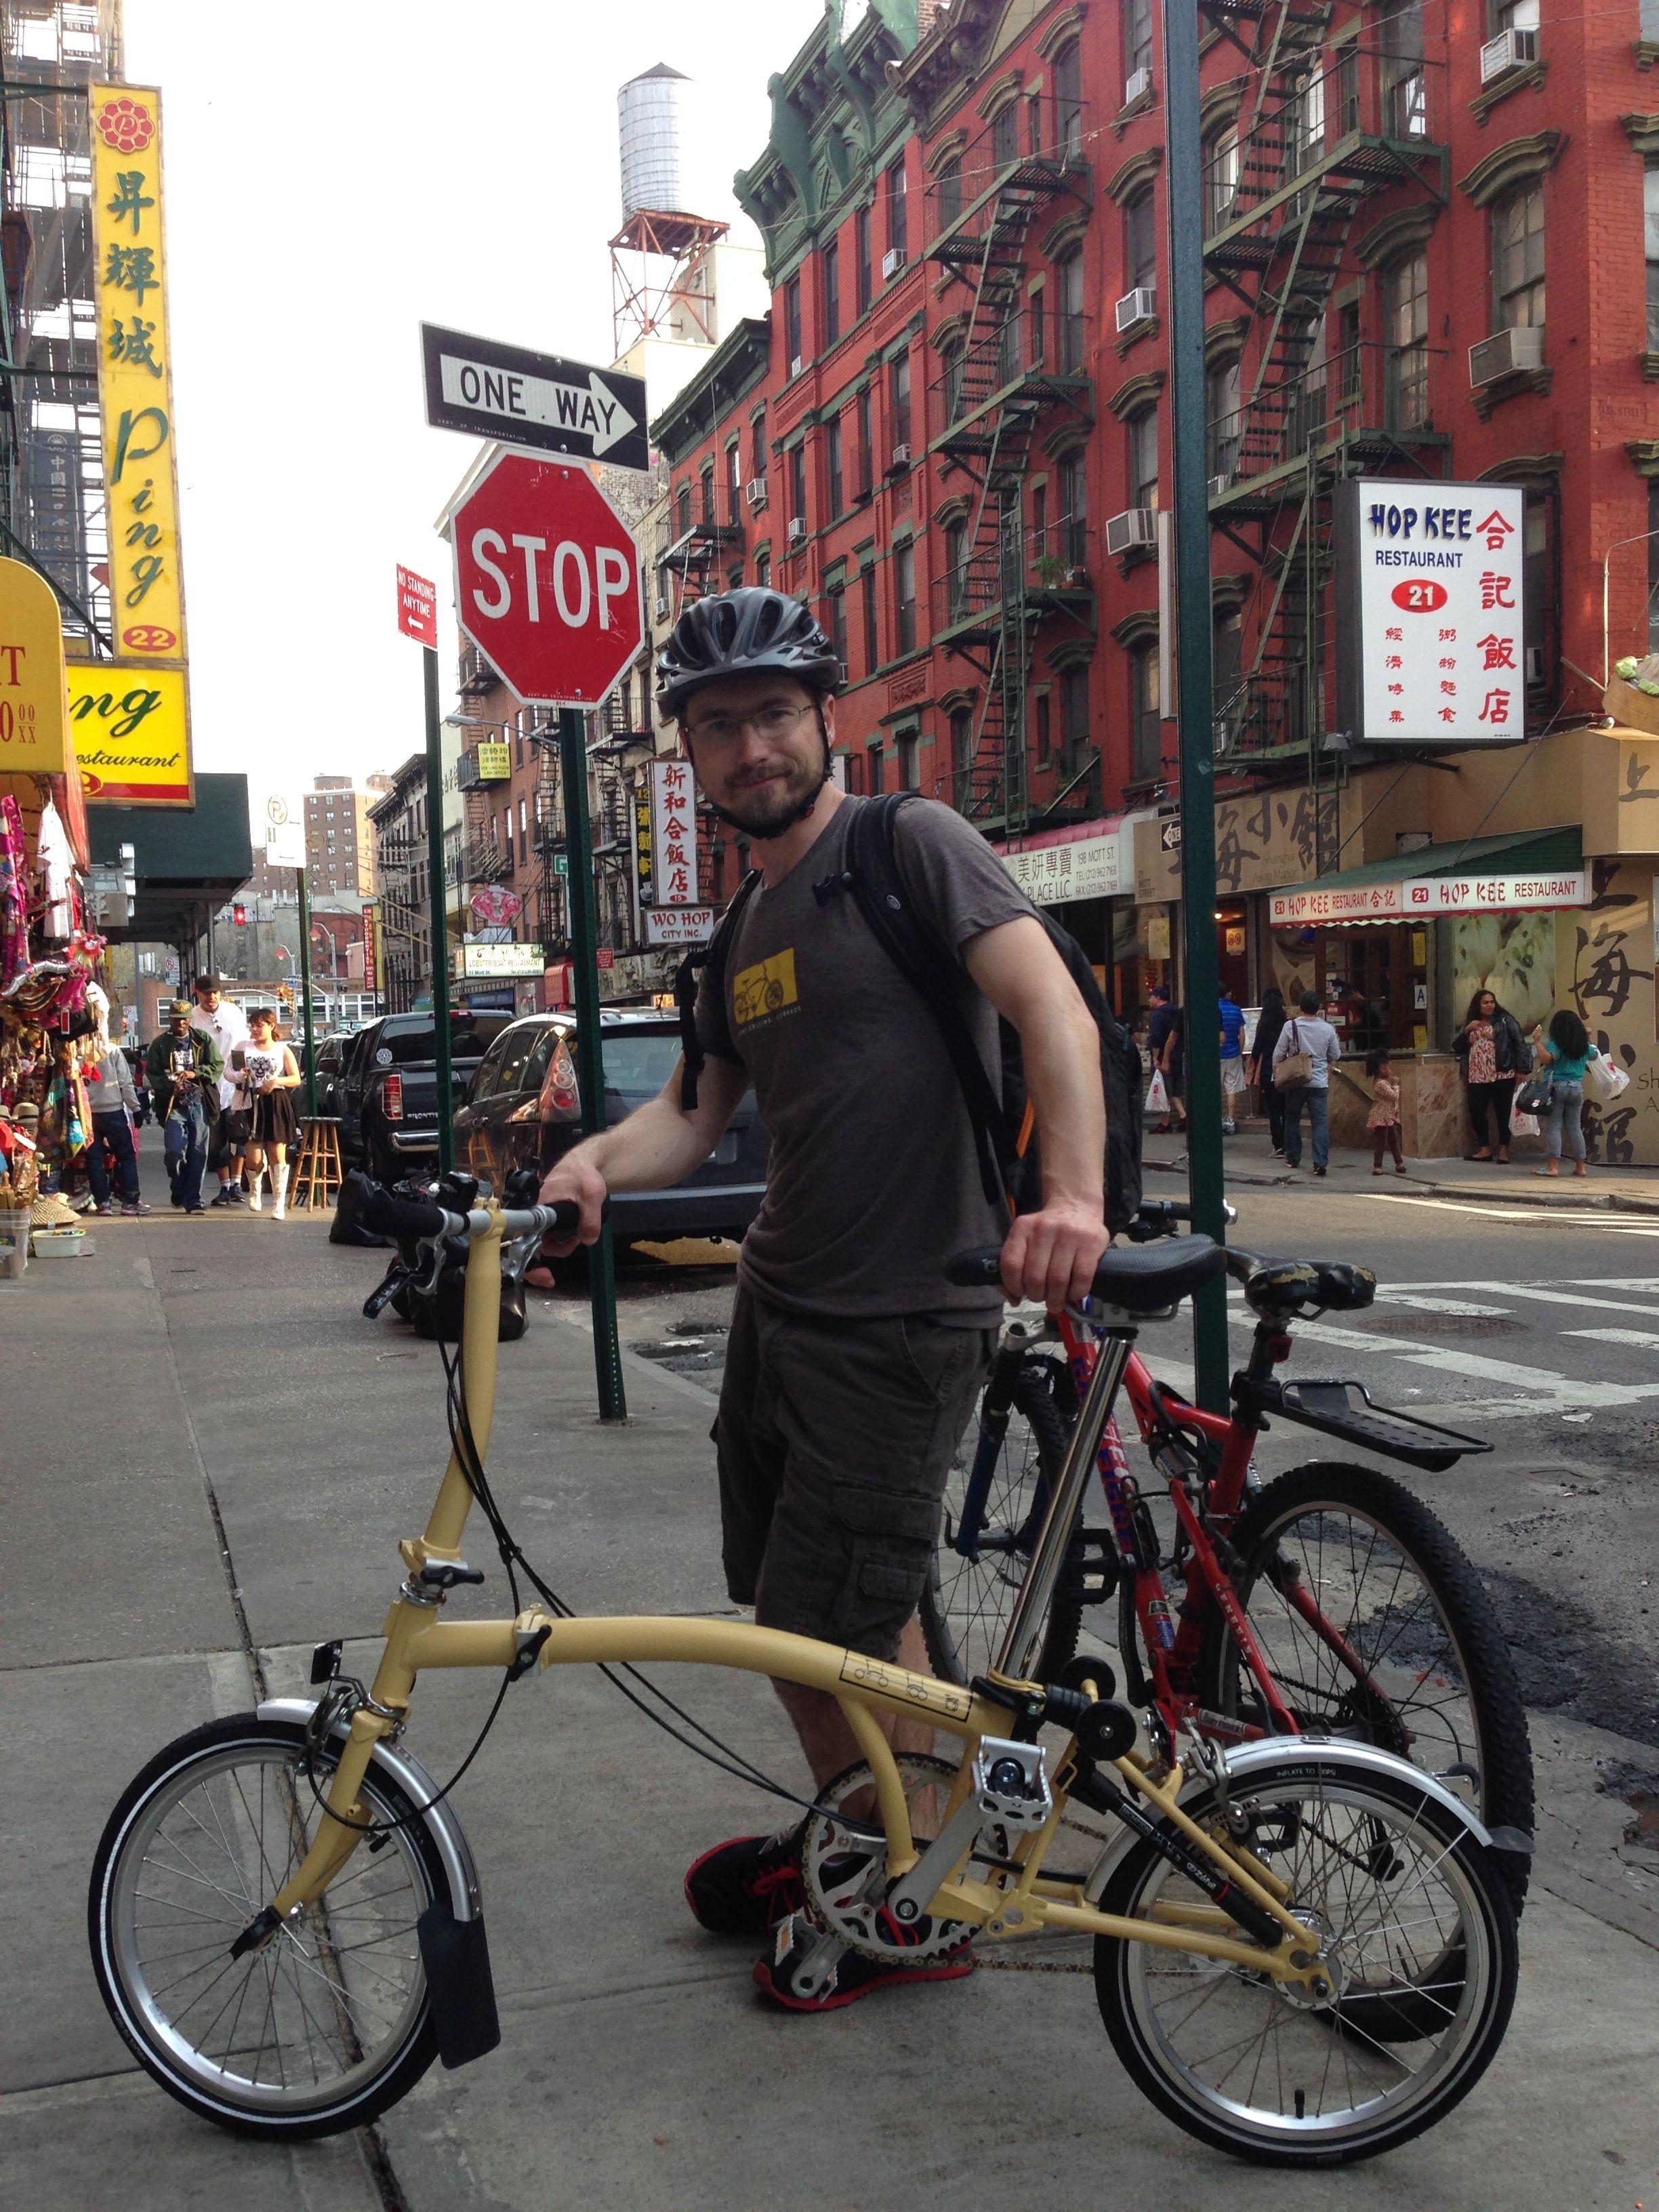 My Brompton folding bike in Chinatown, NYC.